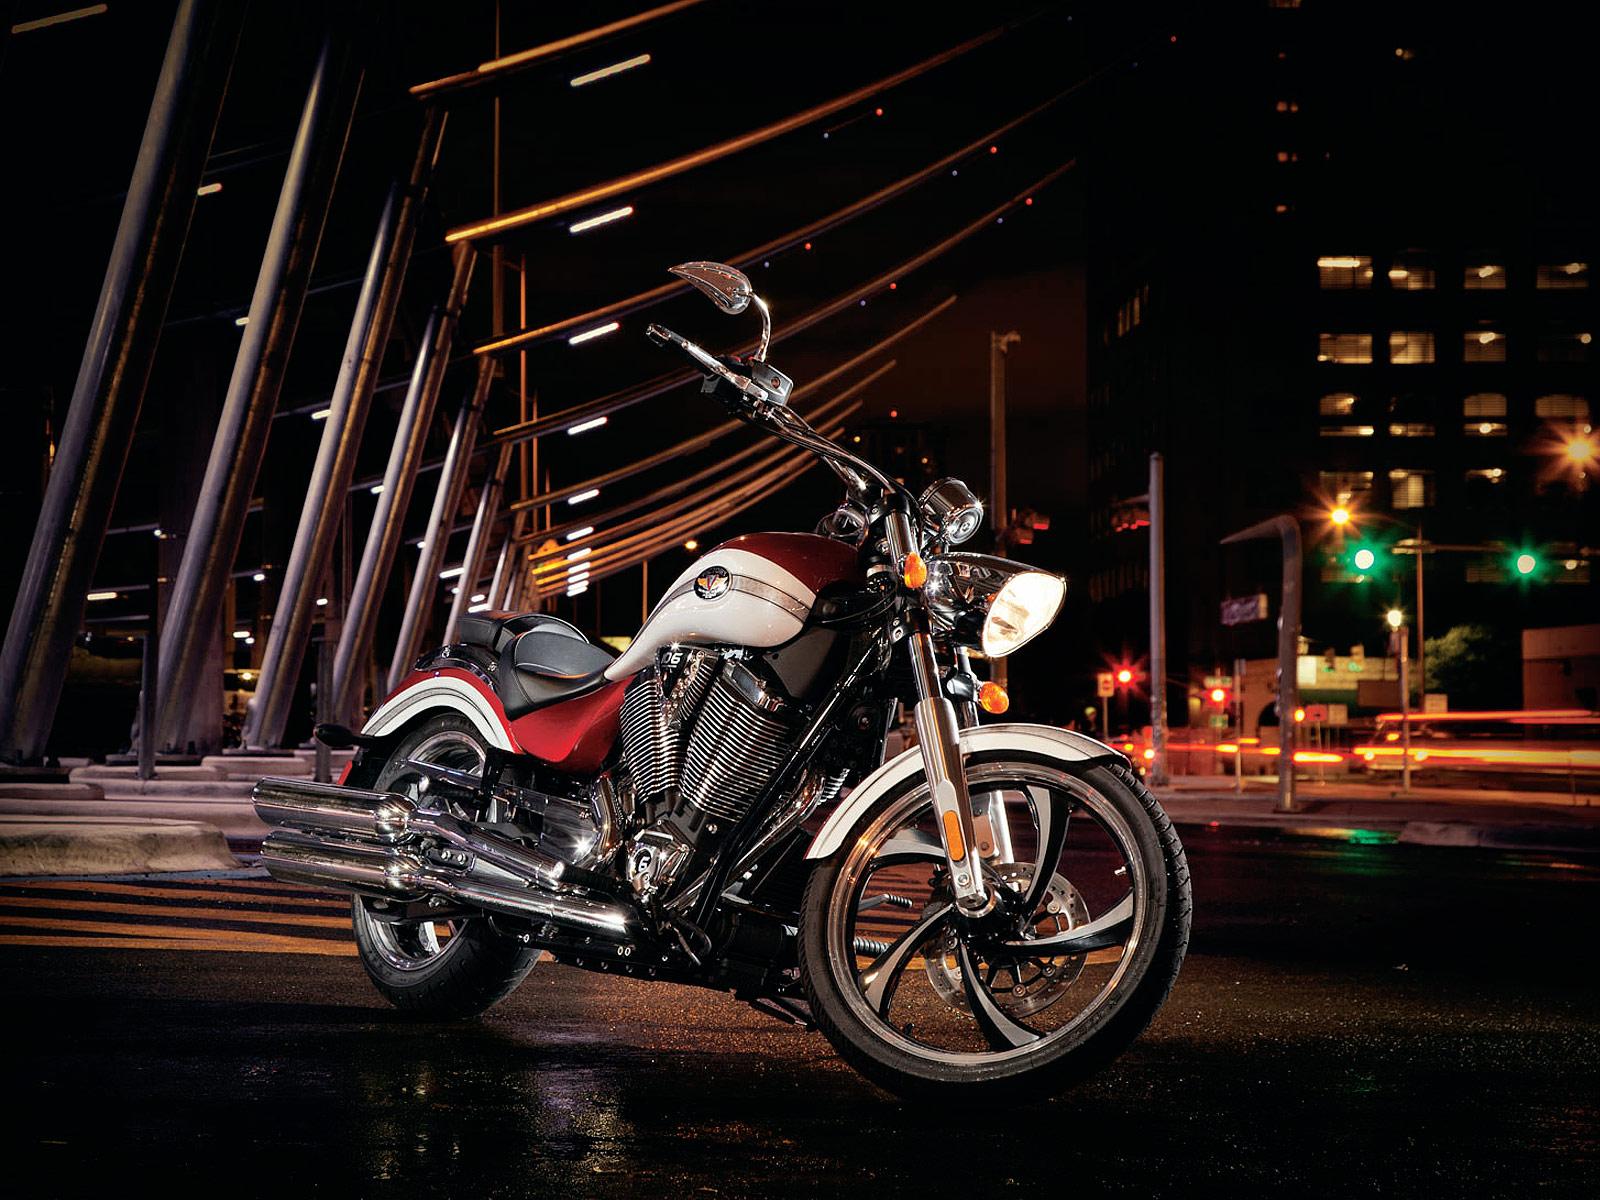 2012 Victory Vegas motorcycle desktop wallpaper 3jpg 1600x1200